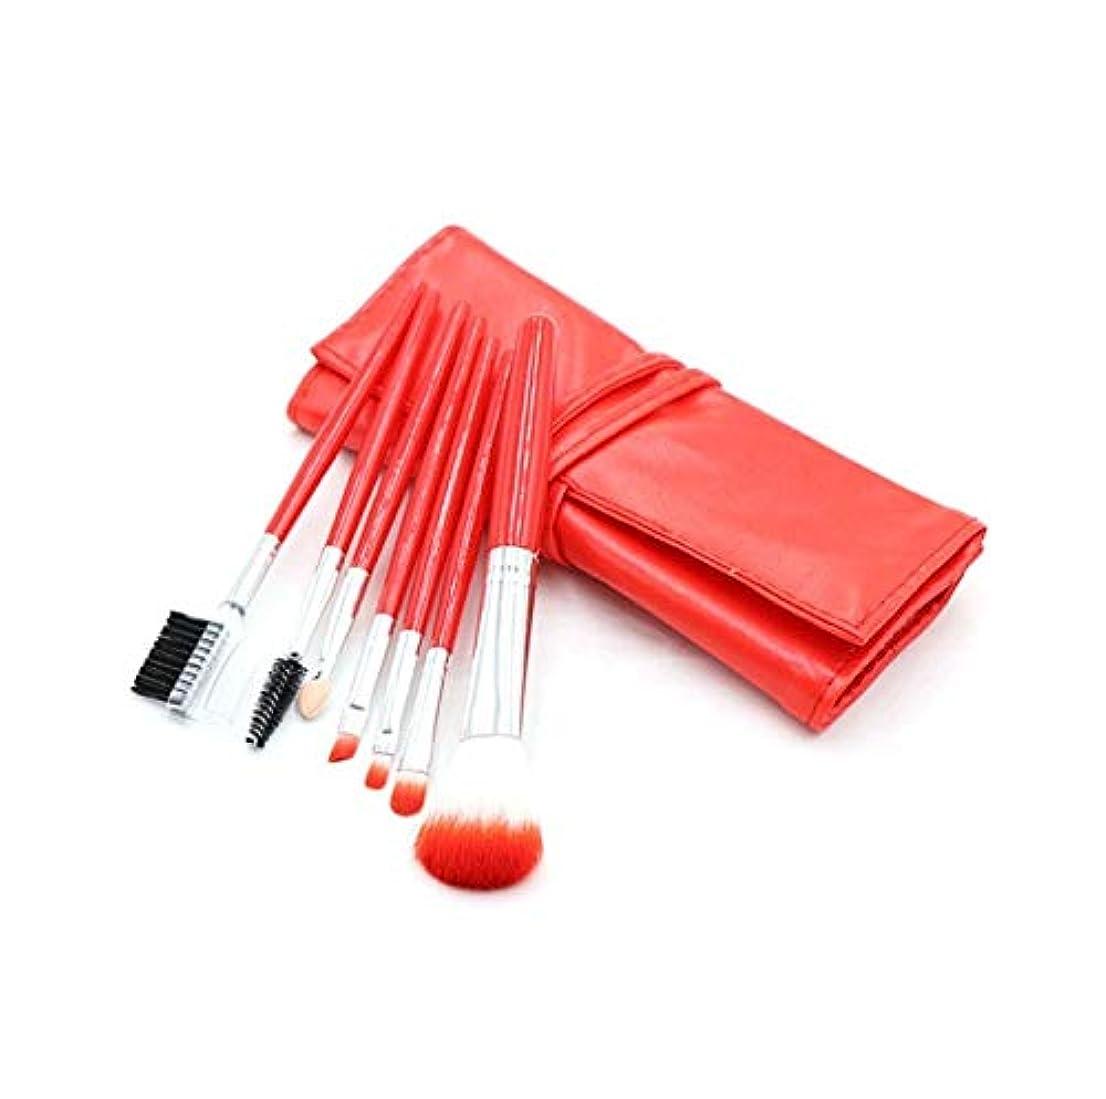 排他的プロテスタントメモChennong 化粧ブラシセット、赤7化粧ブラシ化粧ブラシセットアイシャドウブラシリップブラシ美容化粧道具